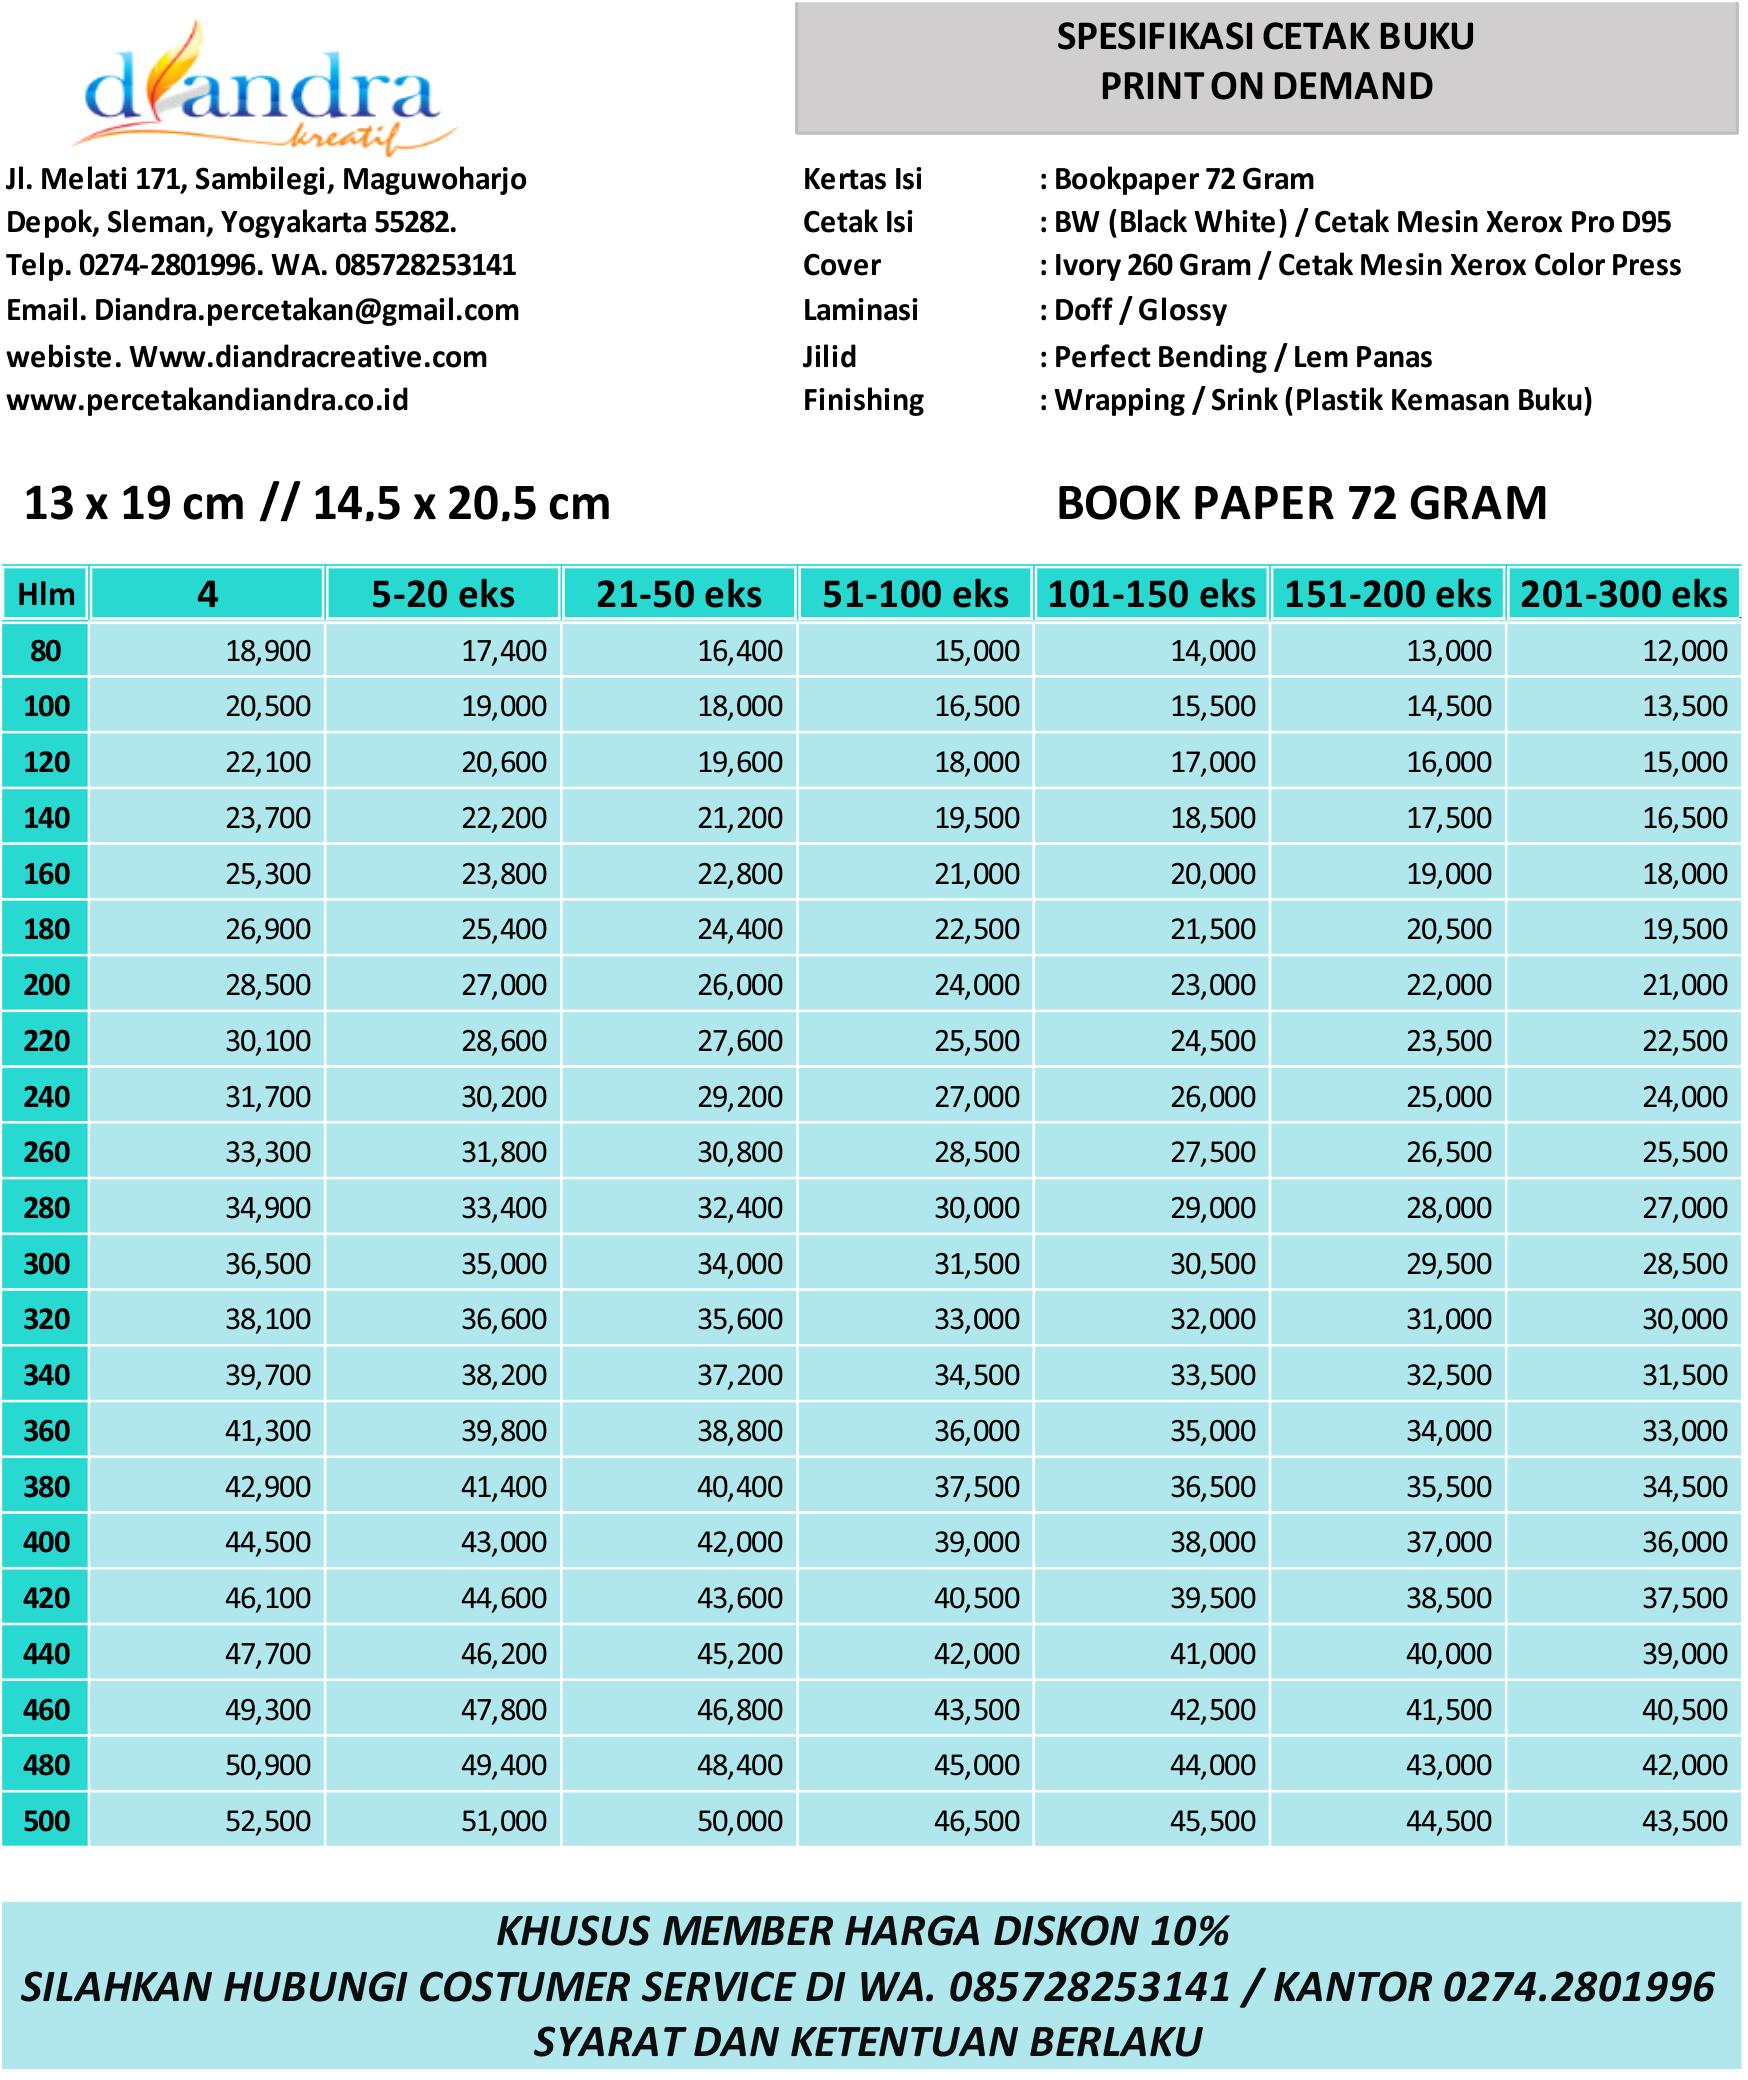 Harga Cetak Buku PoD Ukuran A5